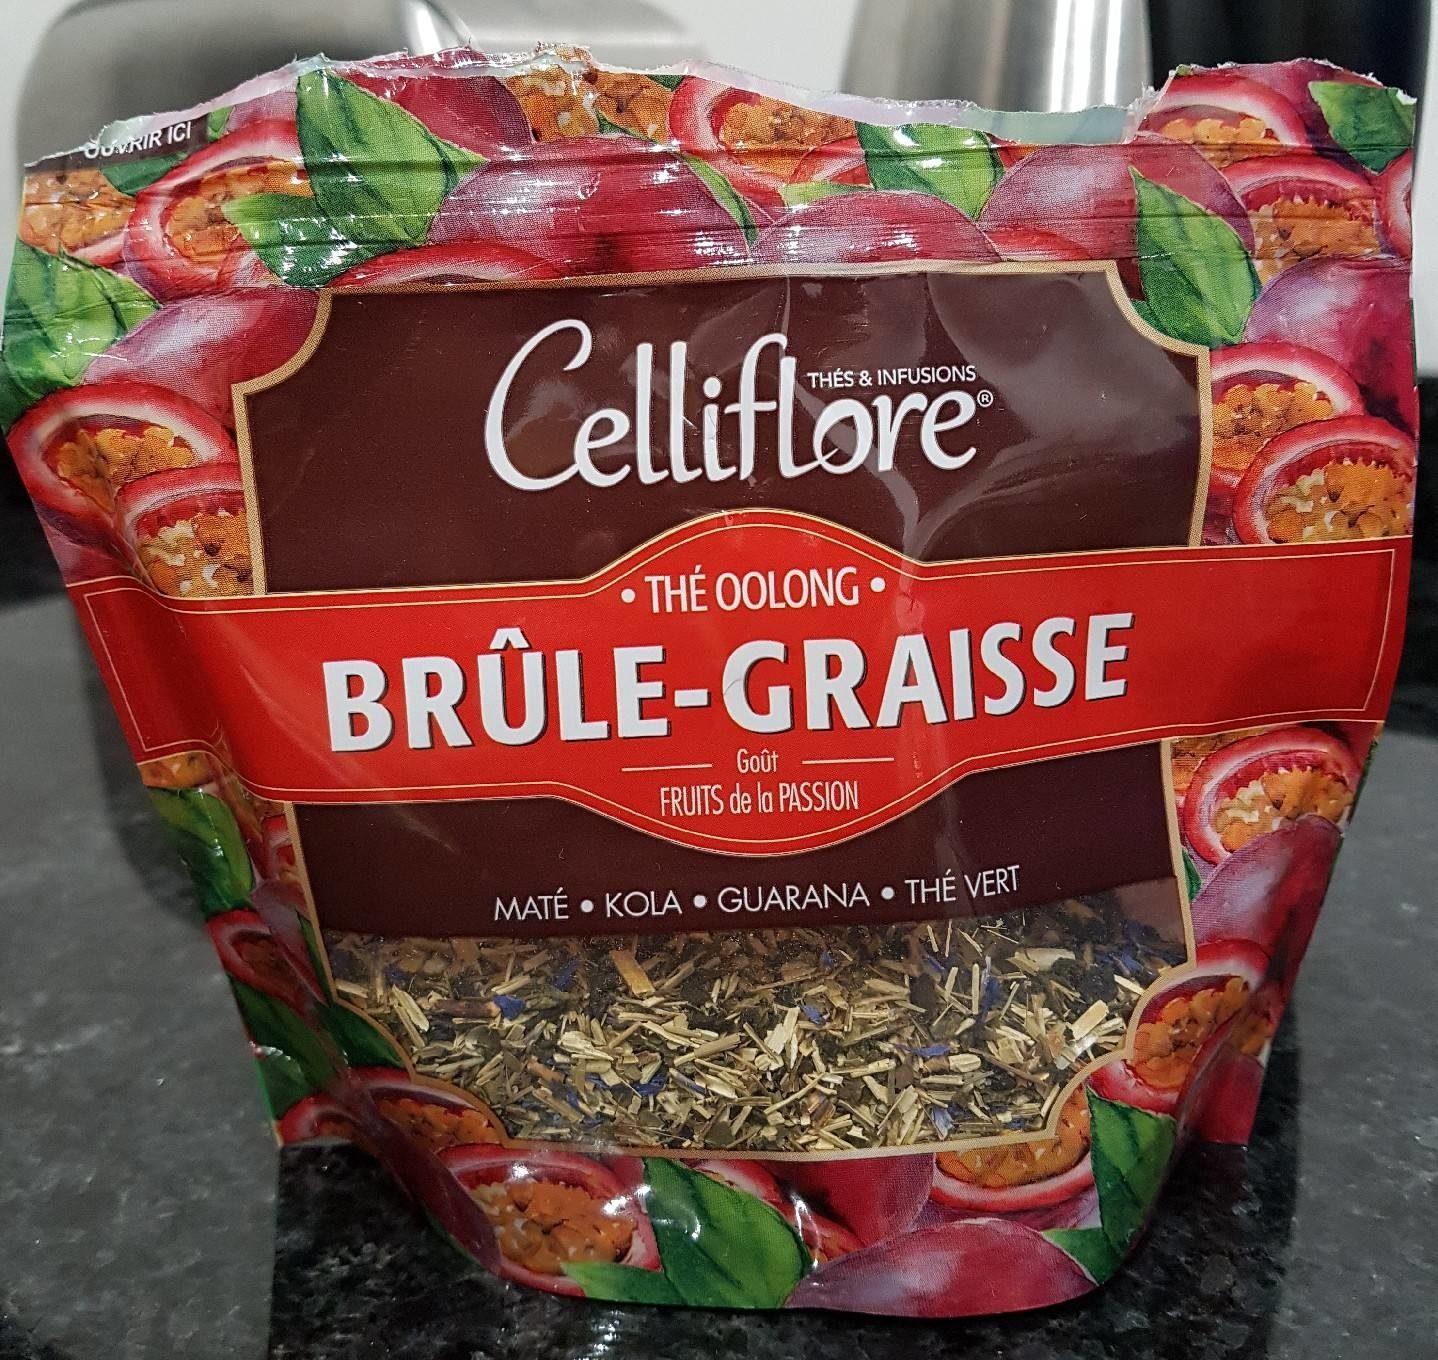 Th oolong br le graisse celliflore - Nettoyer graisse brulee four ...